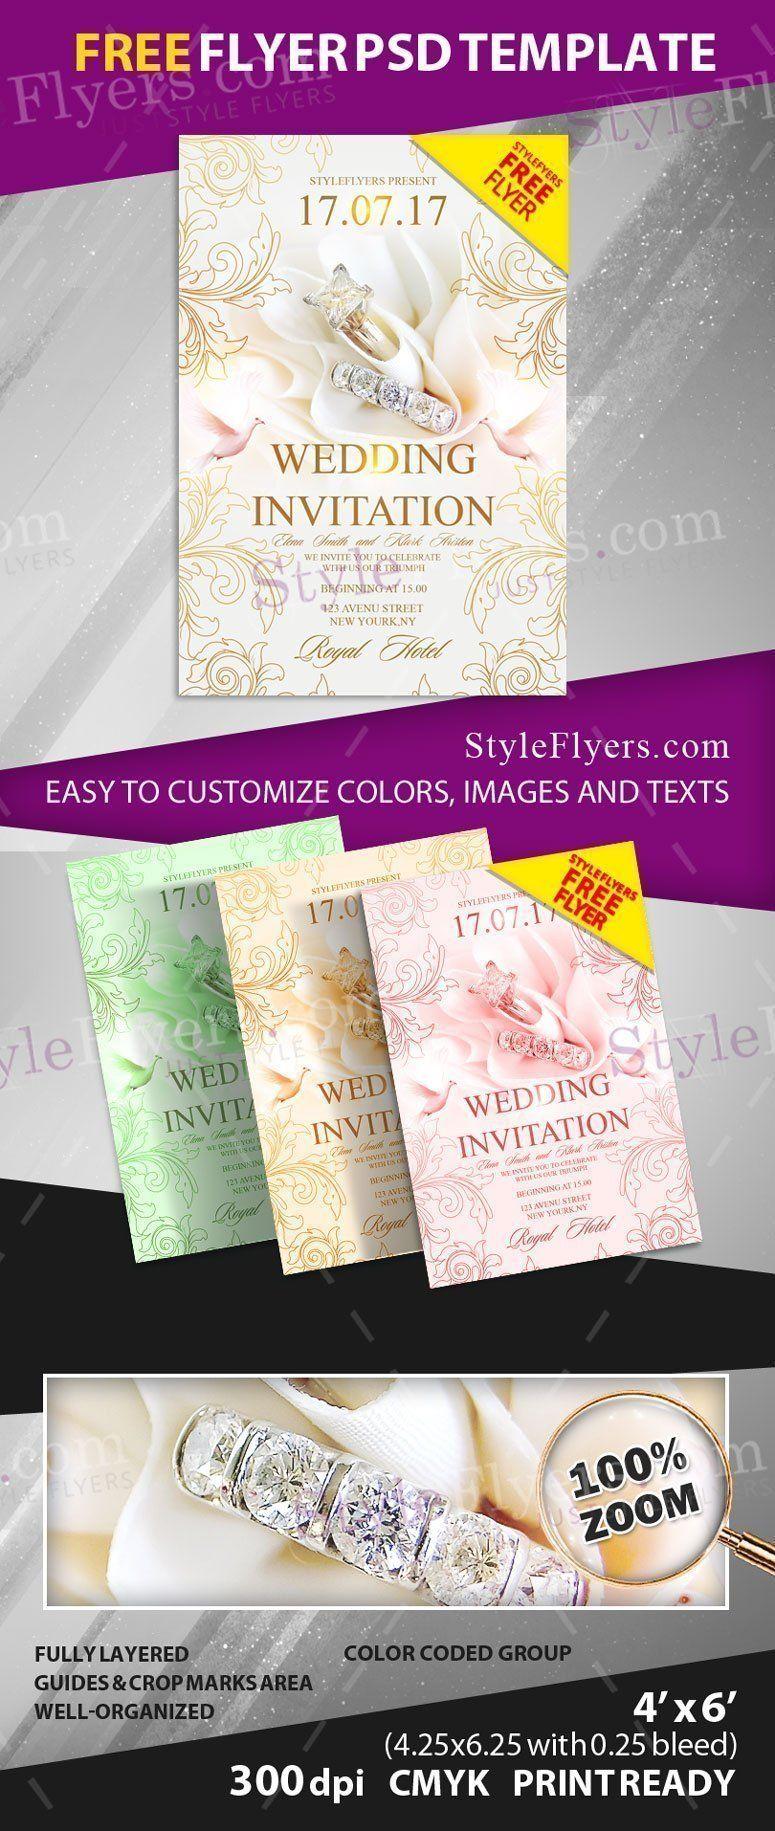 preview free Полезности для фотошопа pinterest free psd flyer